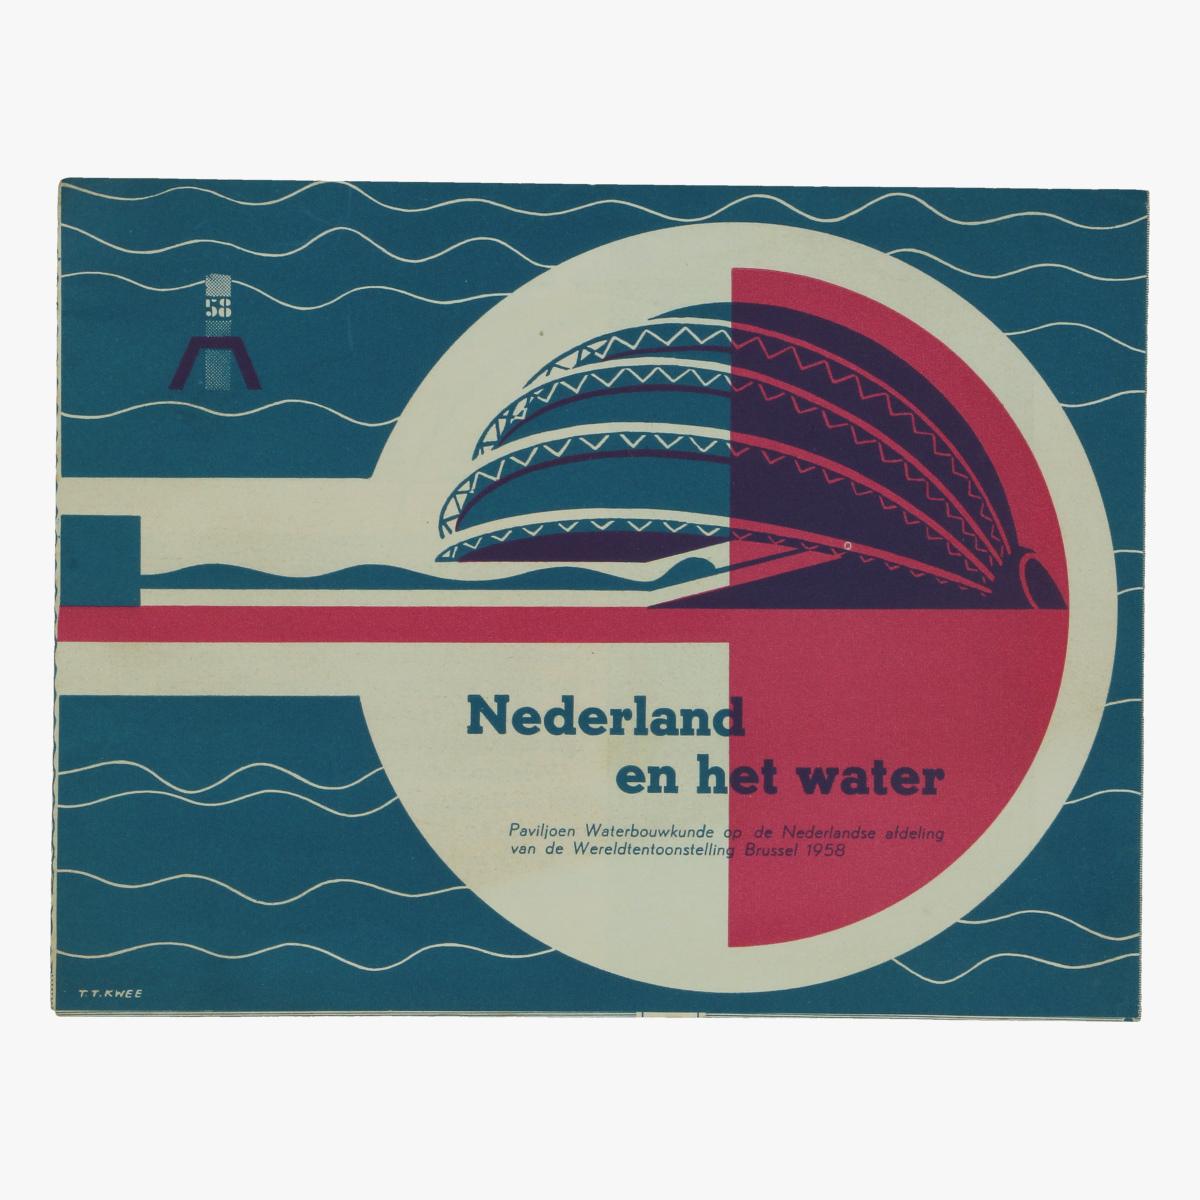 Afbeeldingen van expo 58 folder nederland en het water